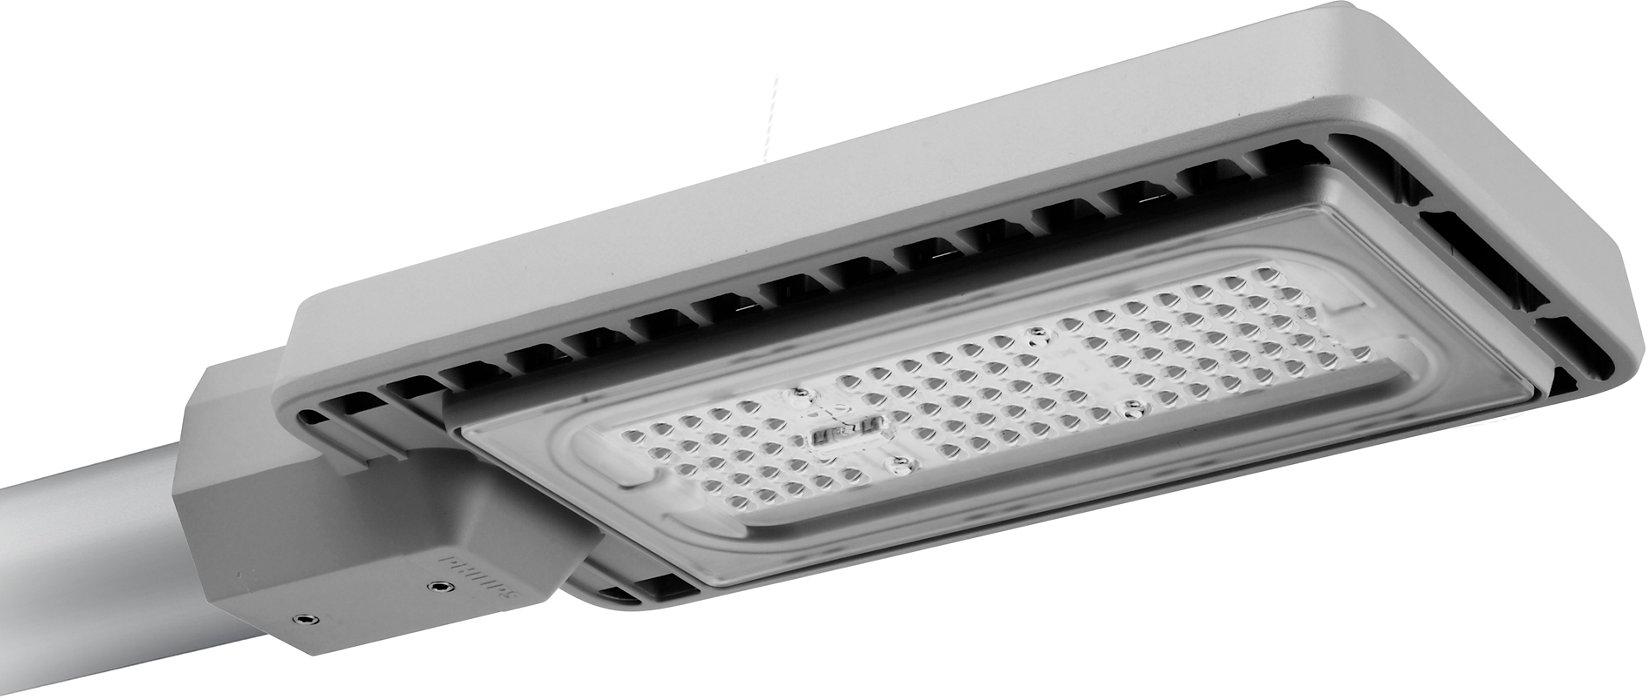 Превосходный светодиодный светильник полностью удовлетворяющий всем Вашим ожиданиям